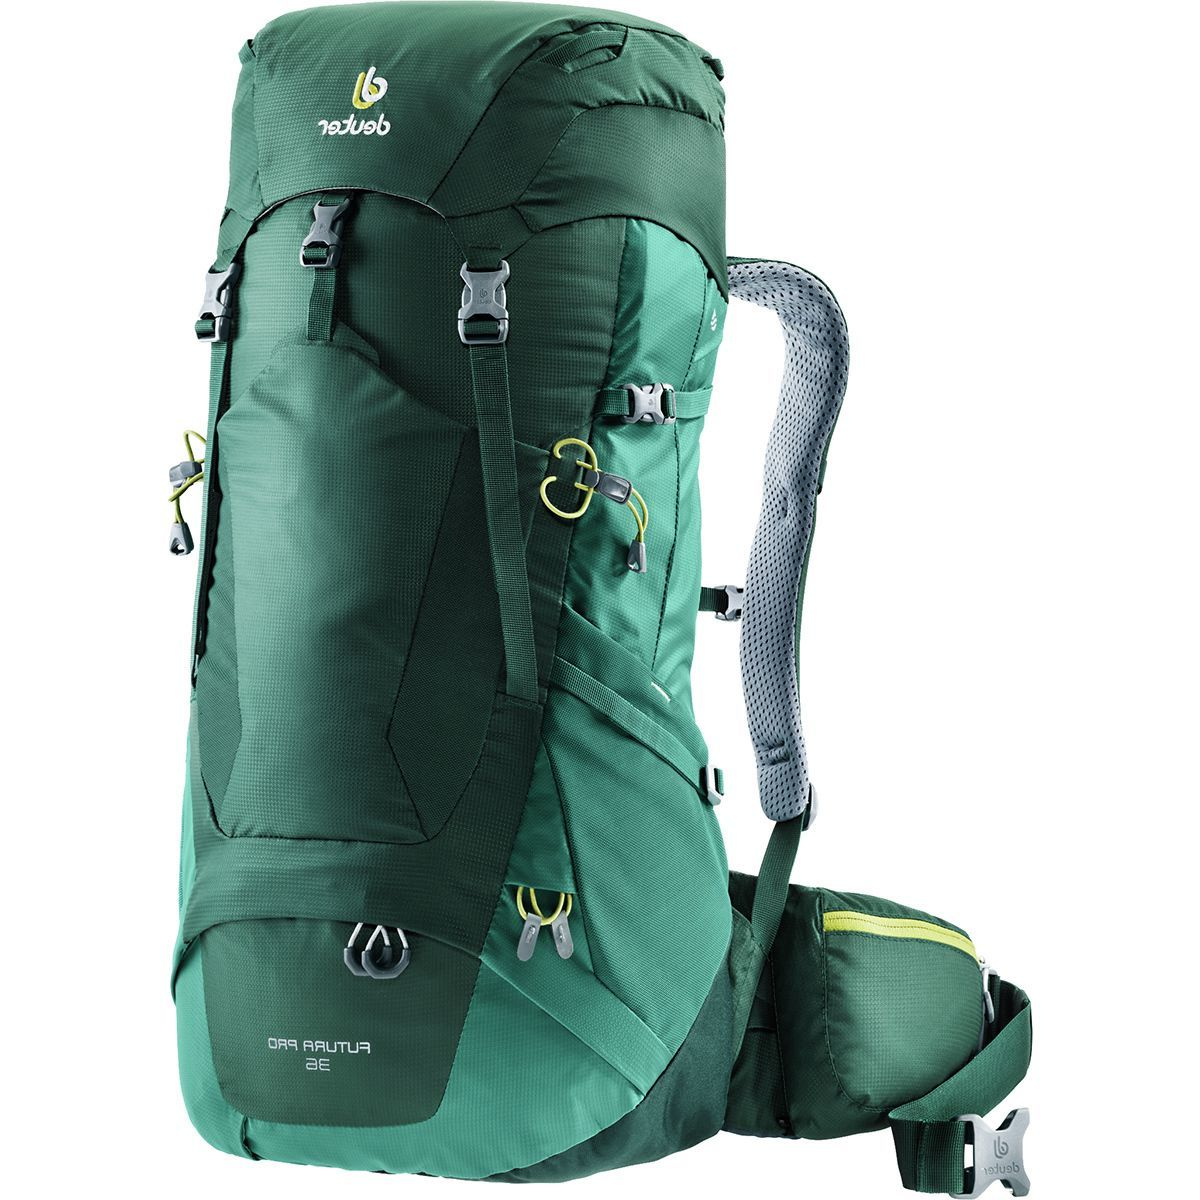 Deuter Futura Pro 36L Backpack - Men's